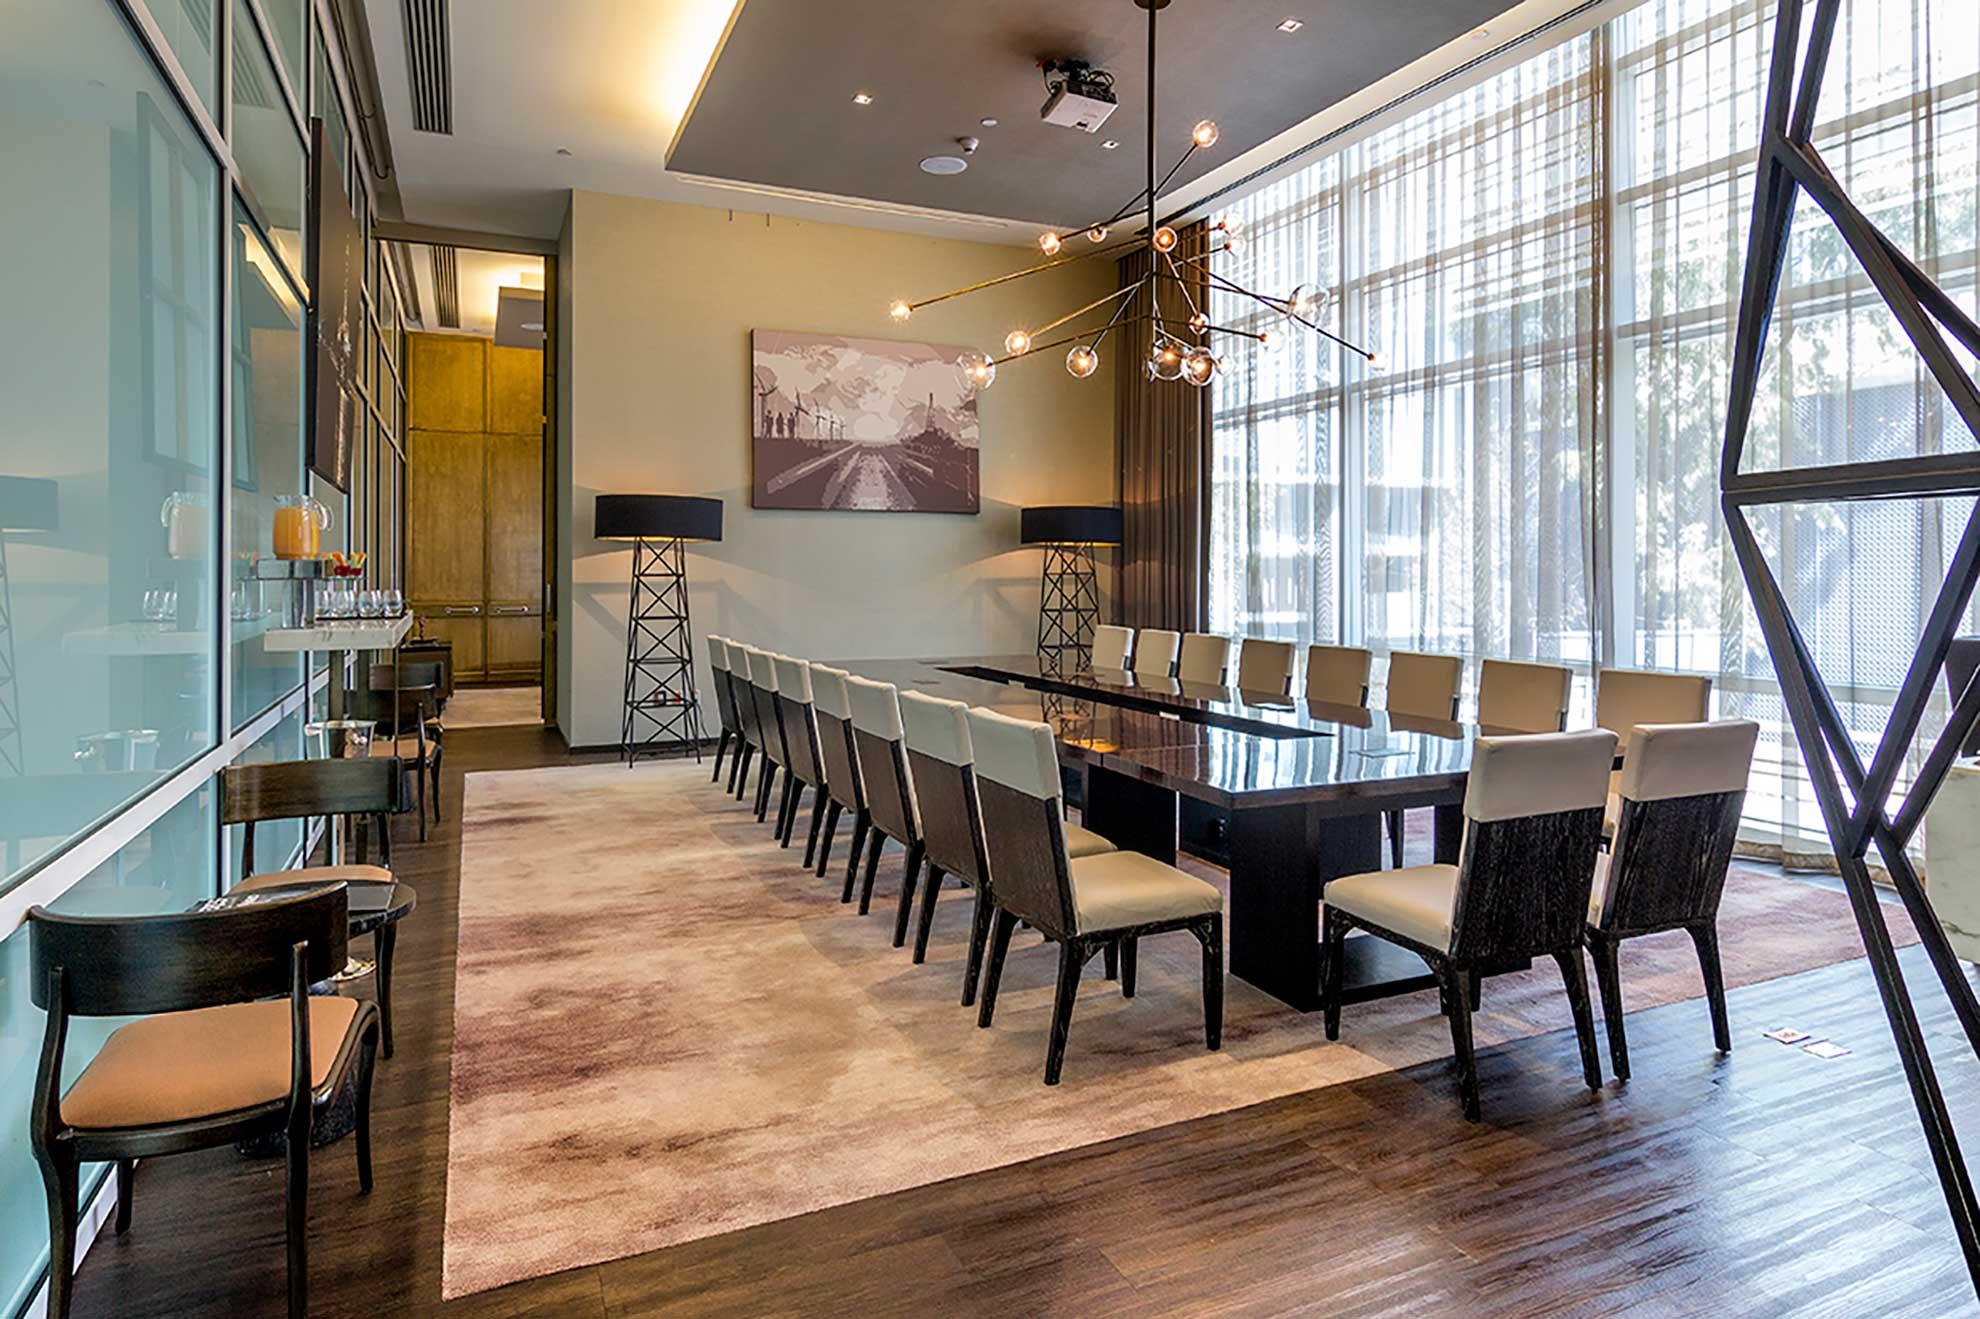 Sala de Juntas Club Potentia para Hotel St. Regis. Muebles de diseño y fabricados por Depa 102. Fabricados en madera de encino y acabados al alto brillo y piel cuero.